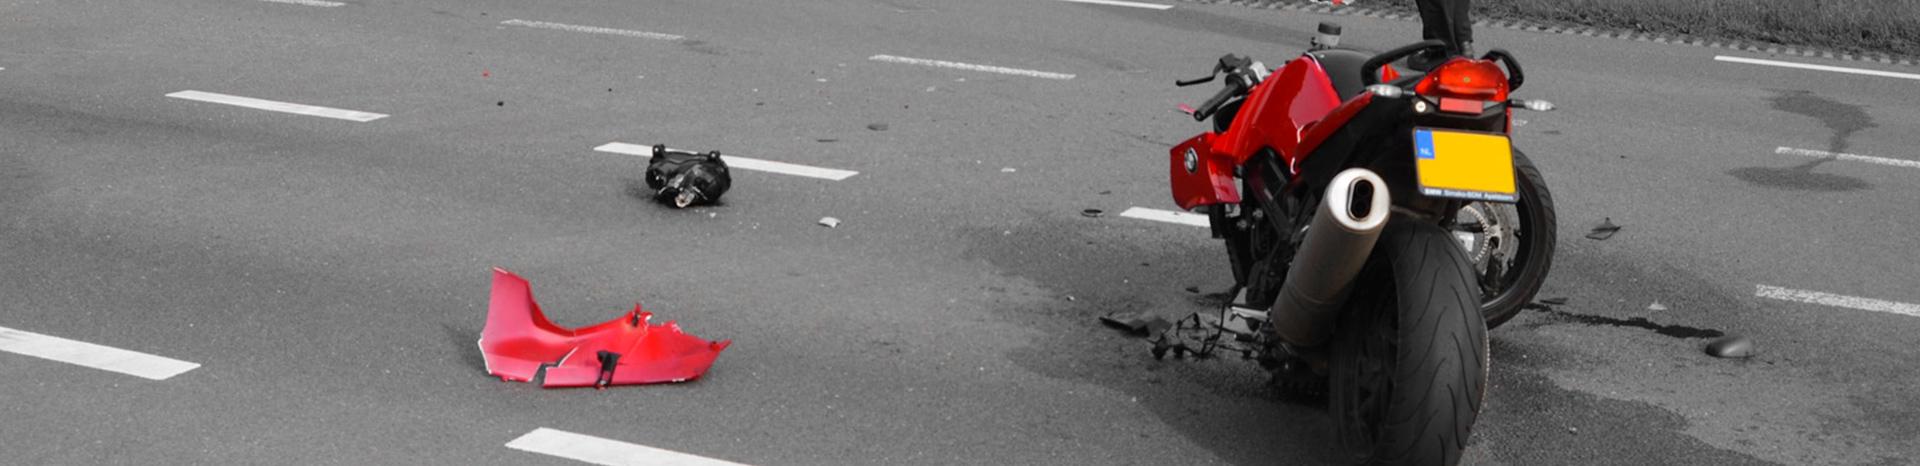 Motorongeluk | Aanrijding motorrijder | LetselPro